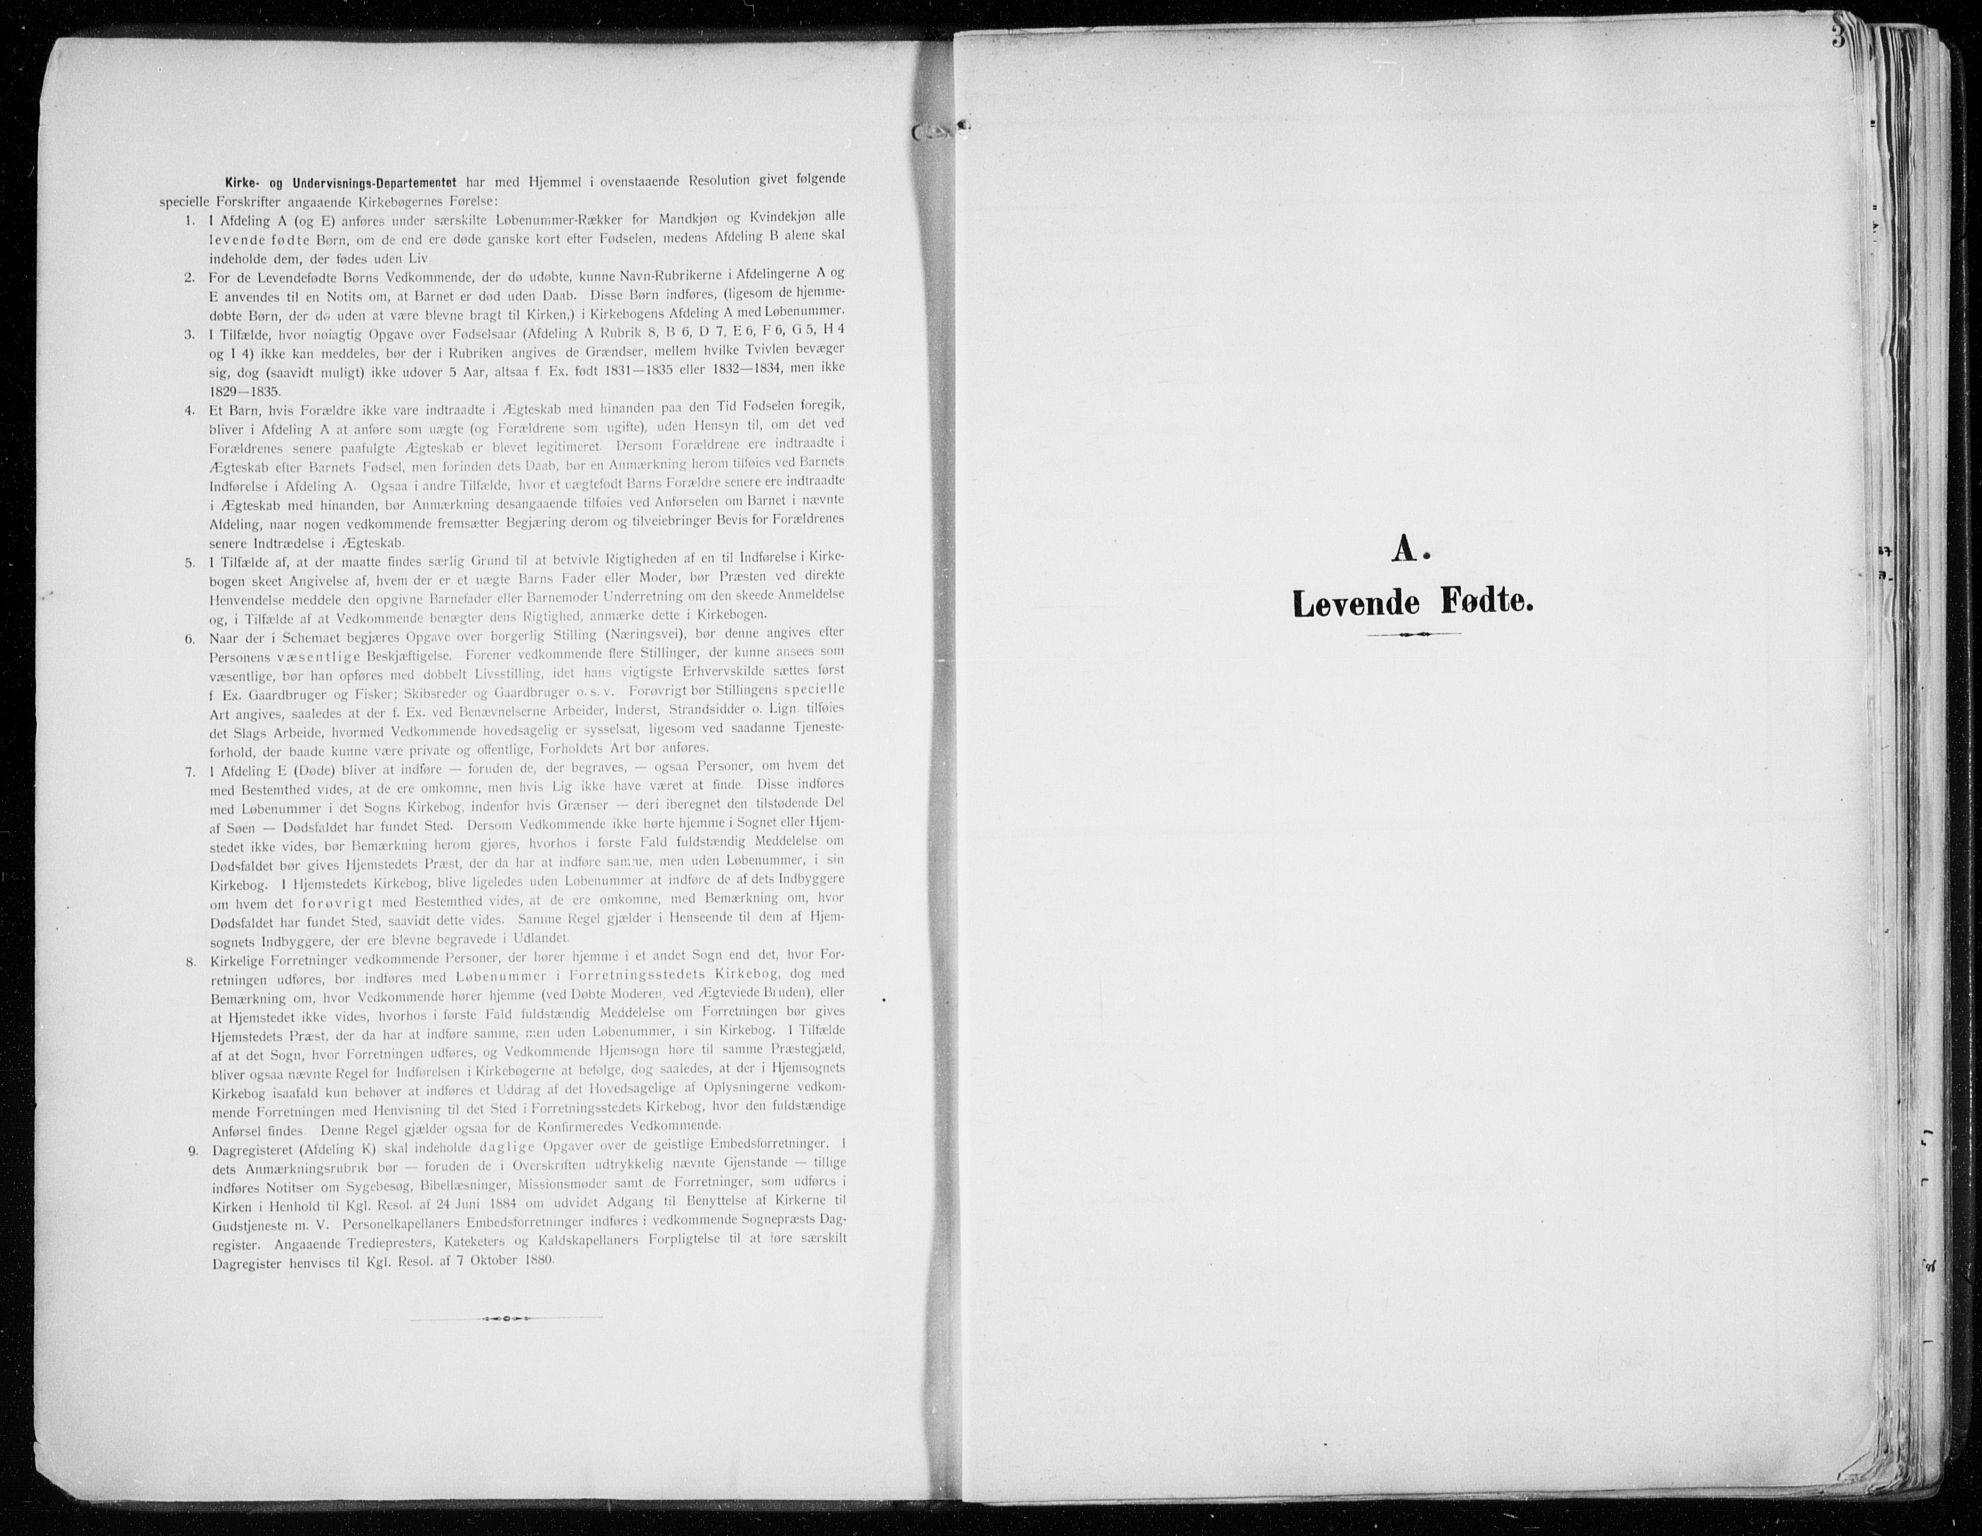 SATØ, Tromsø sokneprestkontor/stiftsprosti/domprosti, G/Ga/L0017kirke: Ministerialbok nr. 17, 1907-1917, s. 3